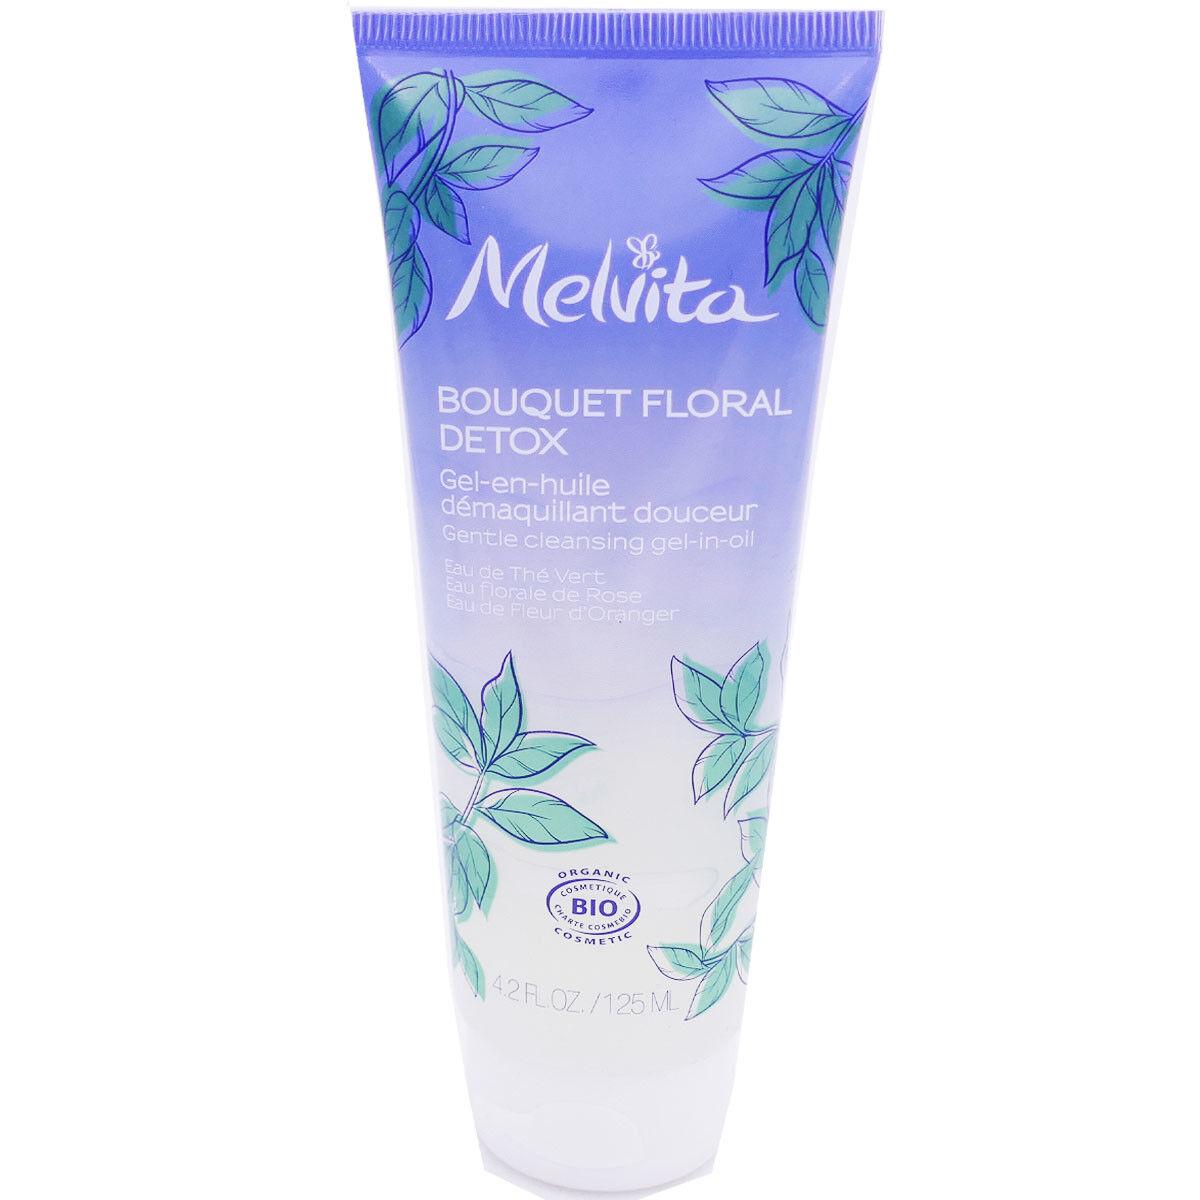 Melvita bouquet floral detox gel en huile dÉmaquillante 125ml